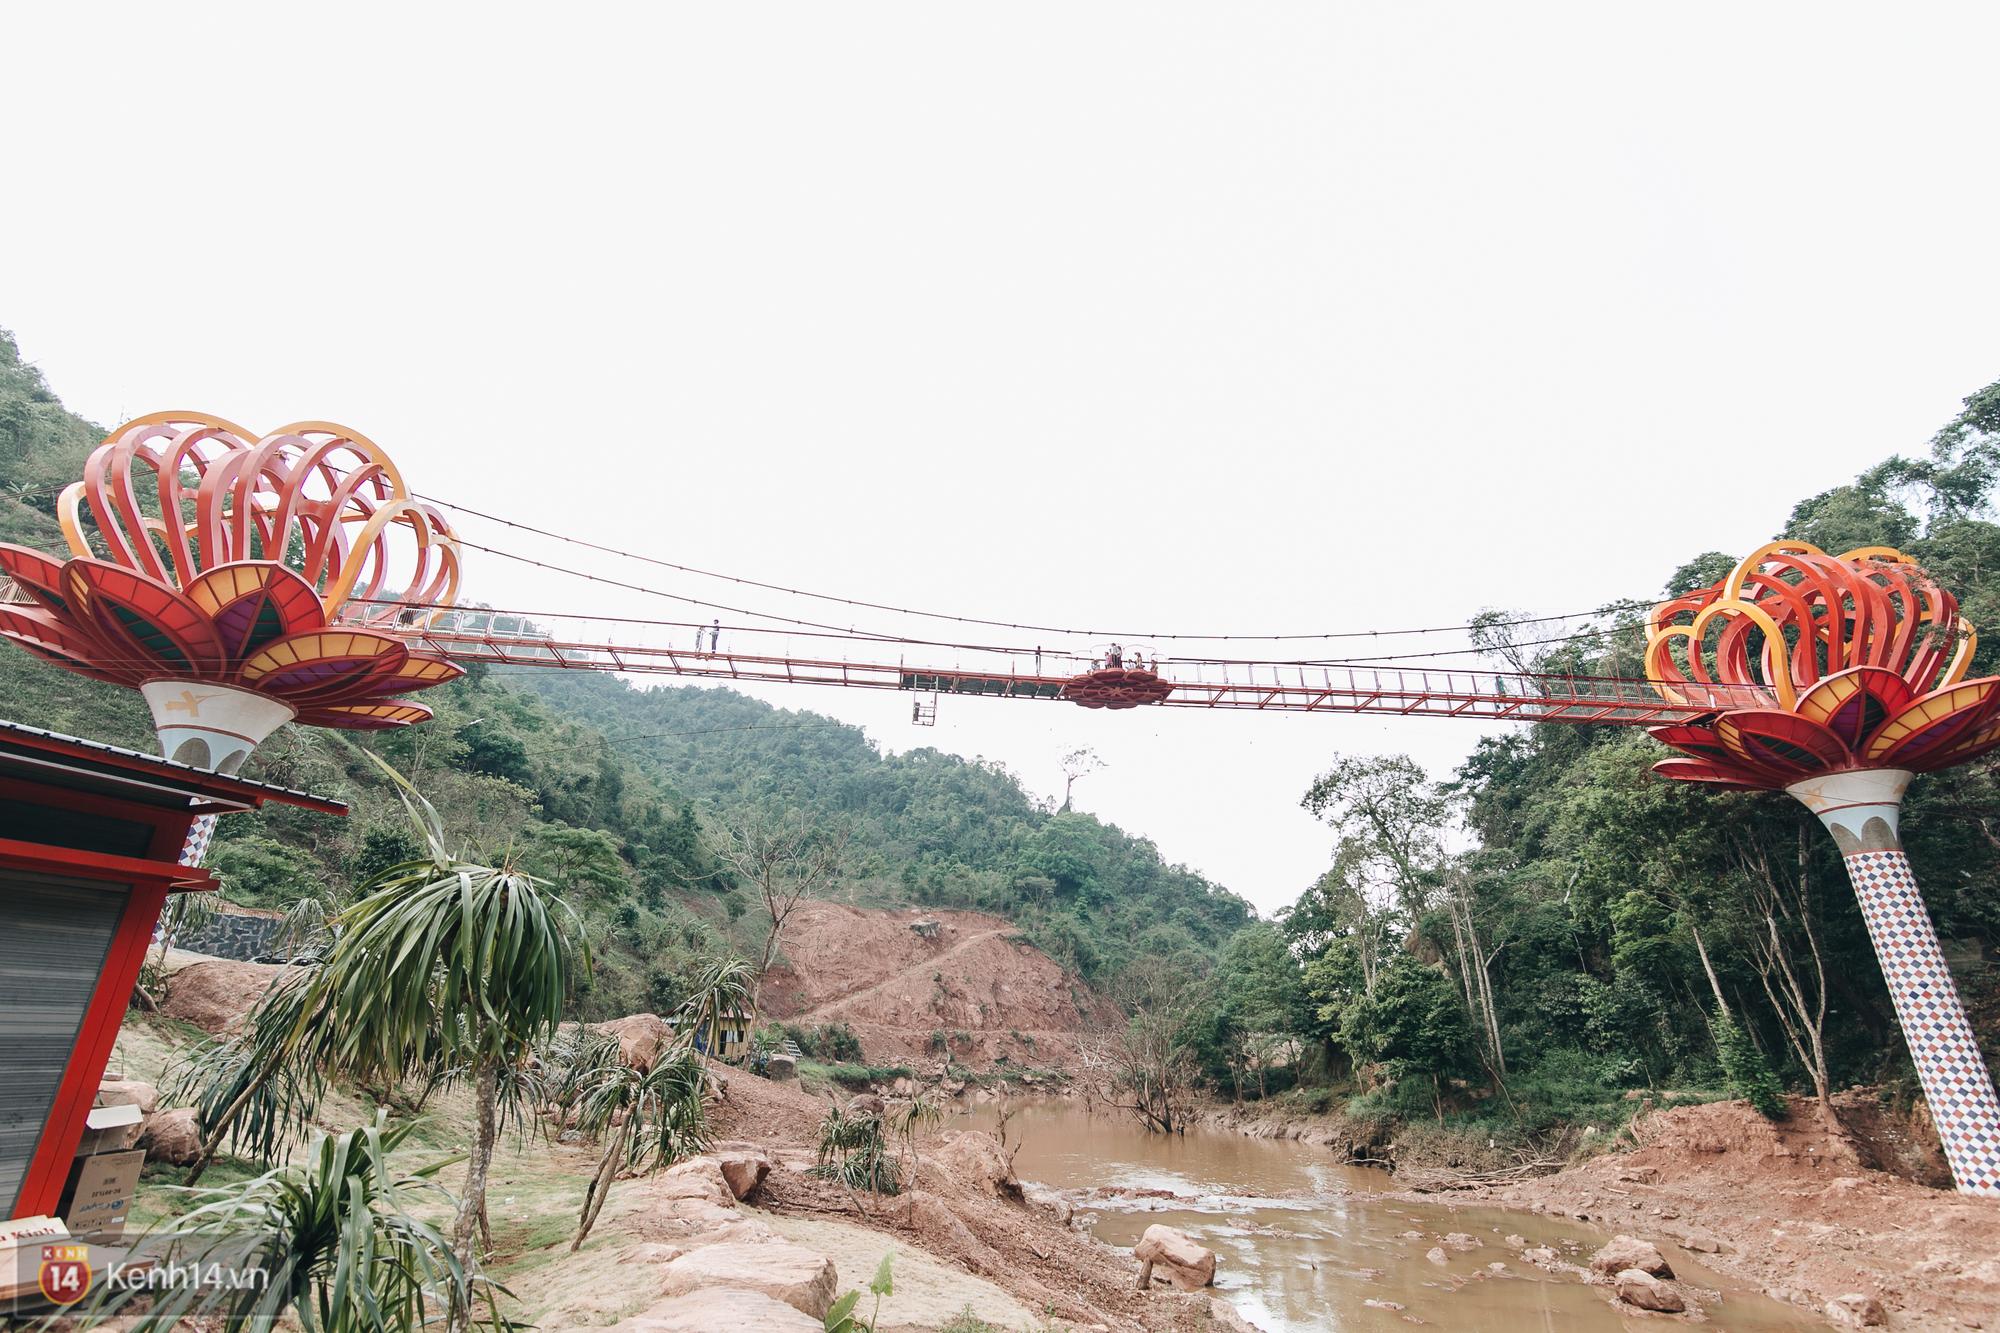 Tranh cãi xoay quanh yếu tố thẩm mỹ của cây cầu 5D đang gây sốt ở Mộc Châu: Khen đẹp thì ít nhưng chê bai sến súa, lạc lõng nhiều vô kể - Ảnh 39.